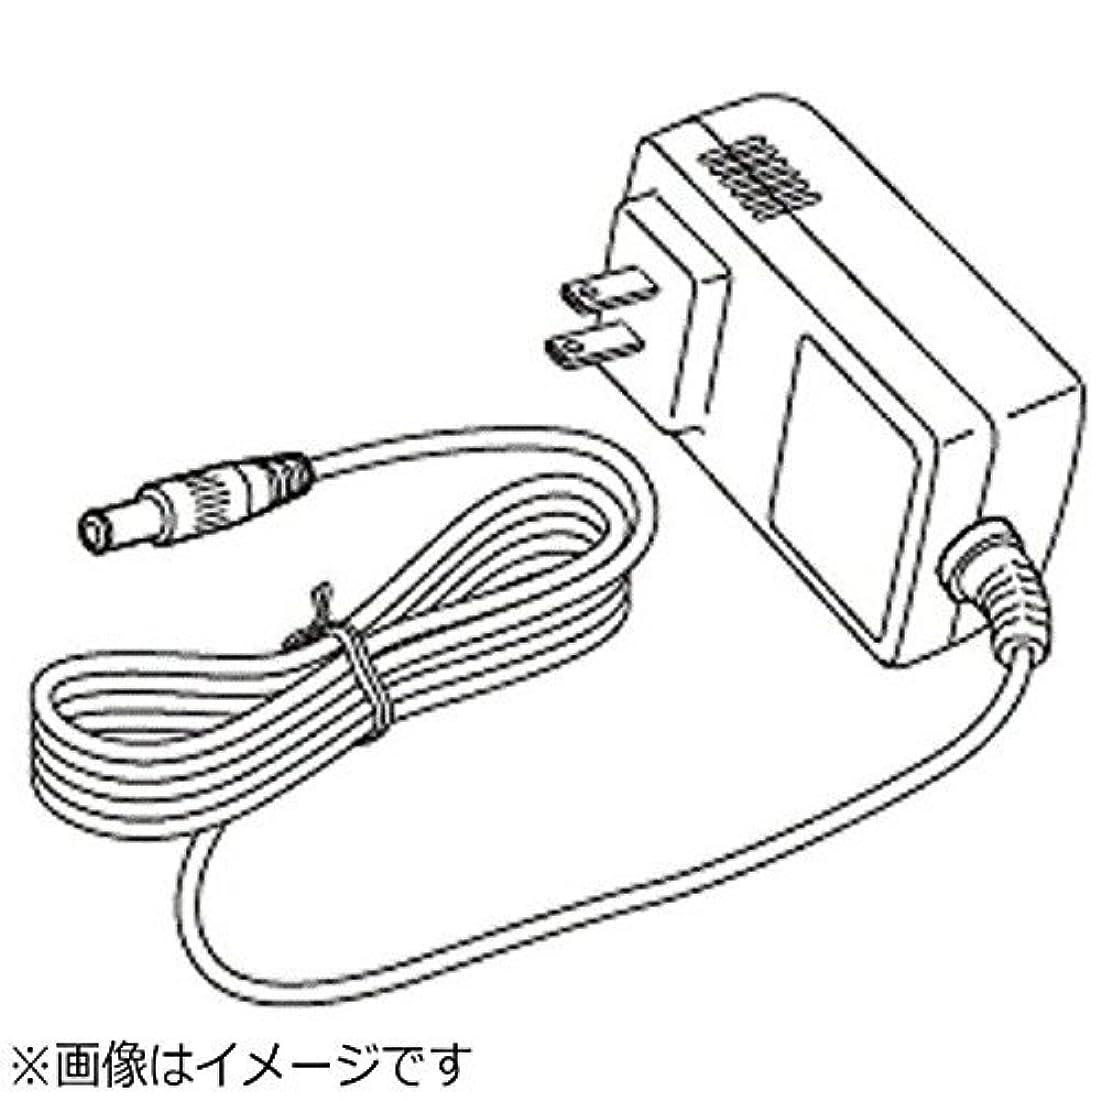 許される聞く忠誠オムロン マッサージャ専用 ACアダプタOMRON HM-141-AC2